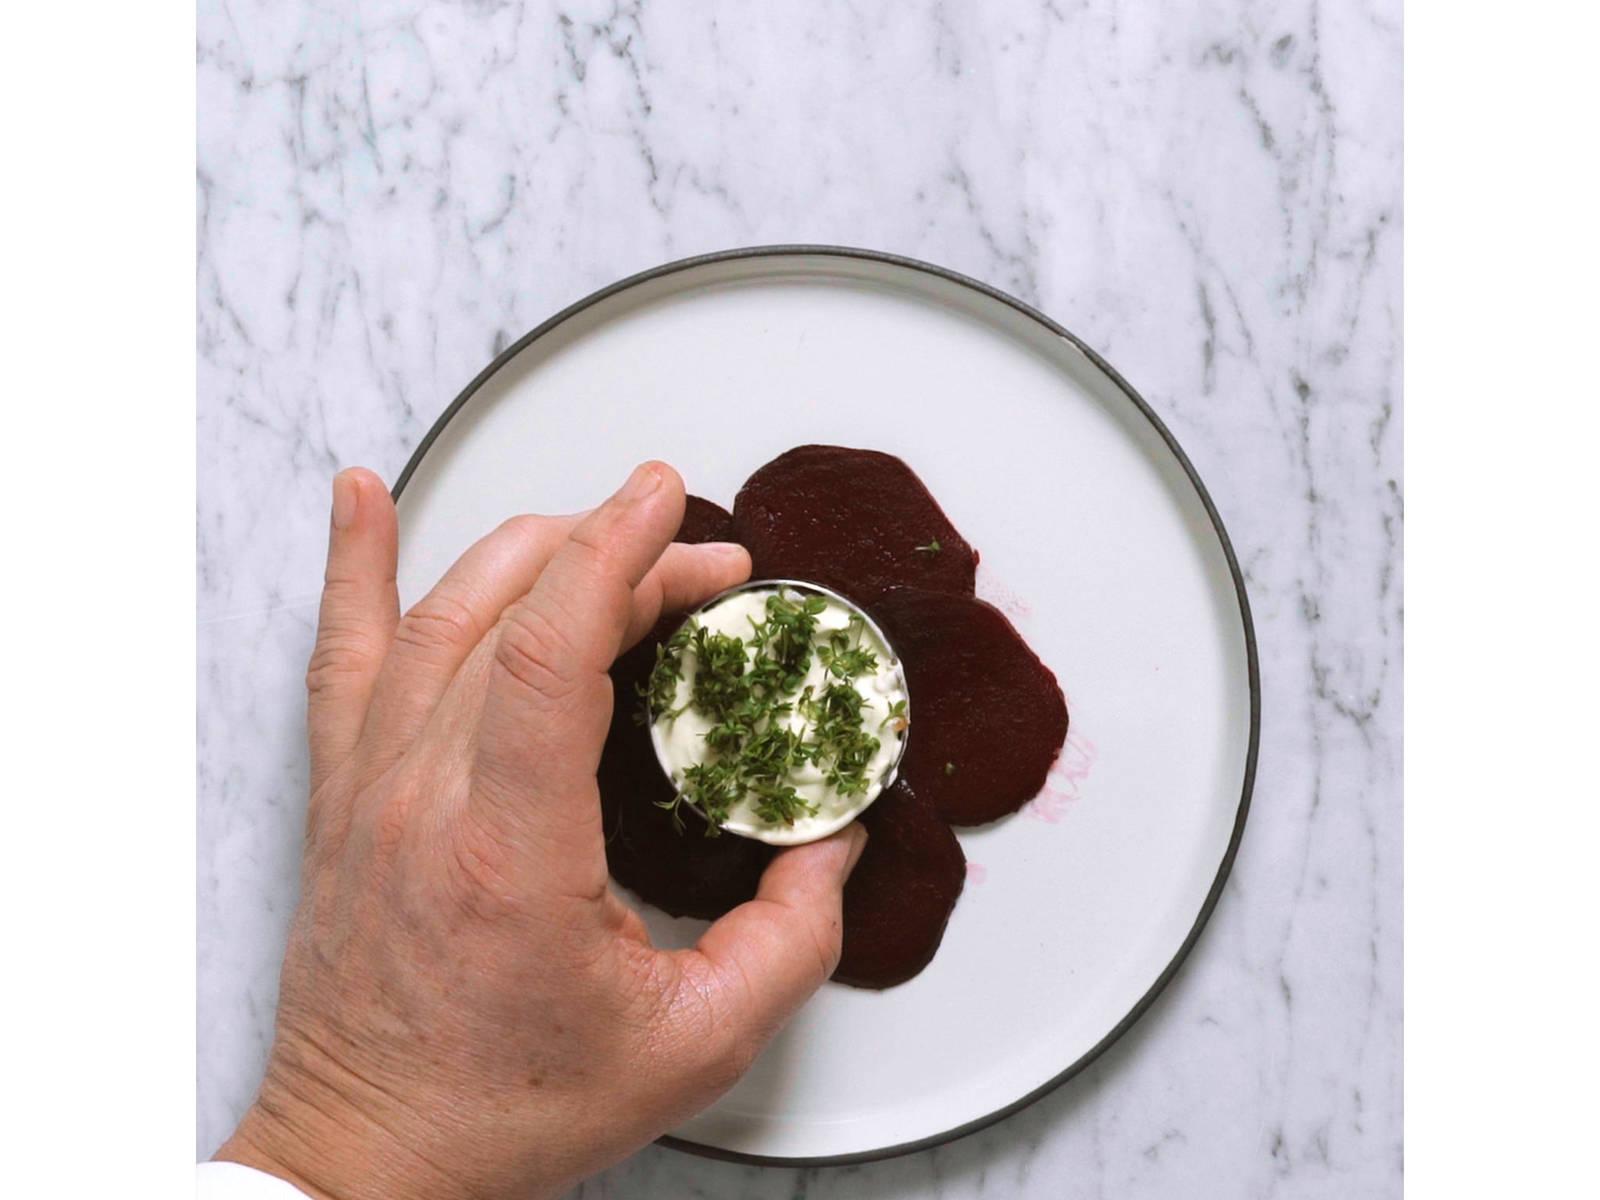 Rote-Bete-Scheiben kreisrund auf Serviertellern auslegen. Lachs-Tartar mithilfe eines Servierrings mittig darauf platzieren und vorsichtig festdrücken. Einen Klecks Wasabi-Creme obenauf geben. Servierring vorsichtig entfernen.